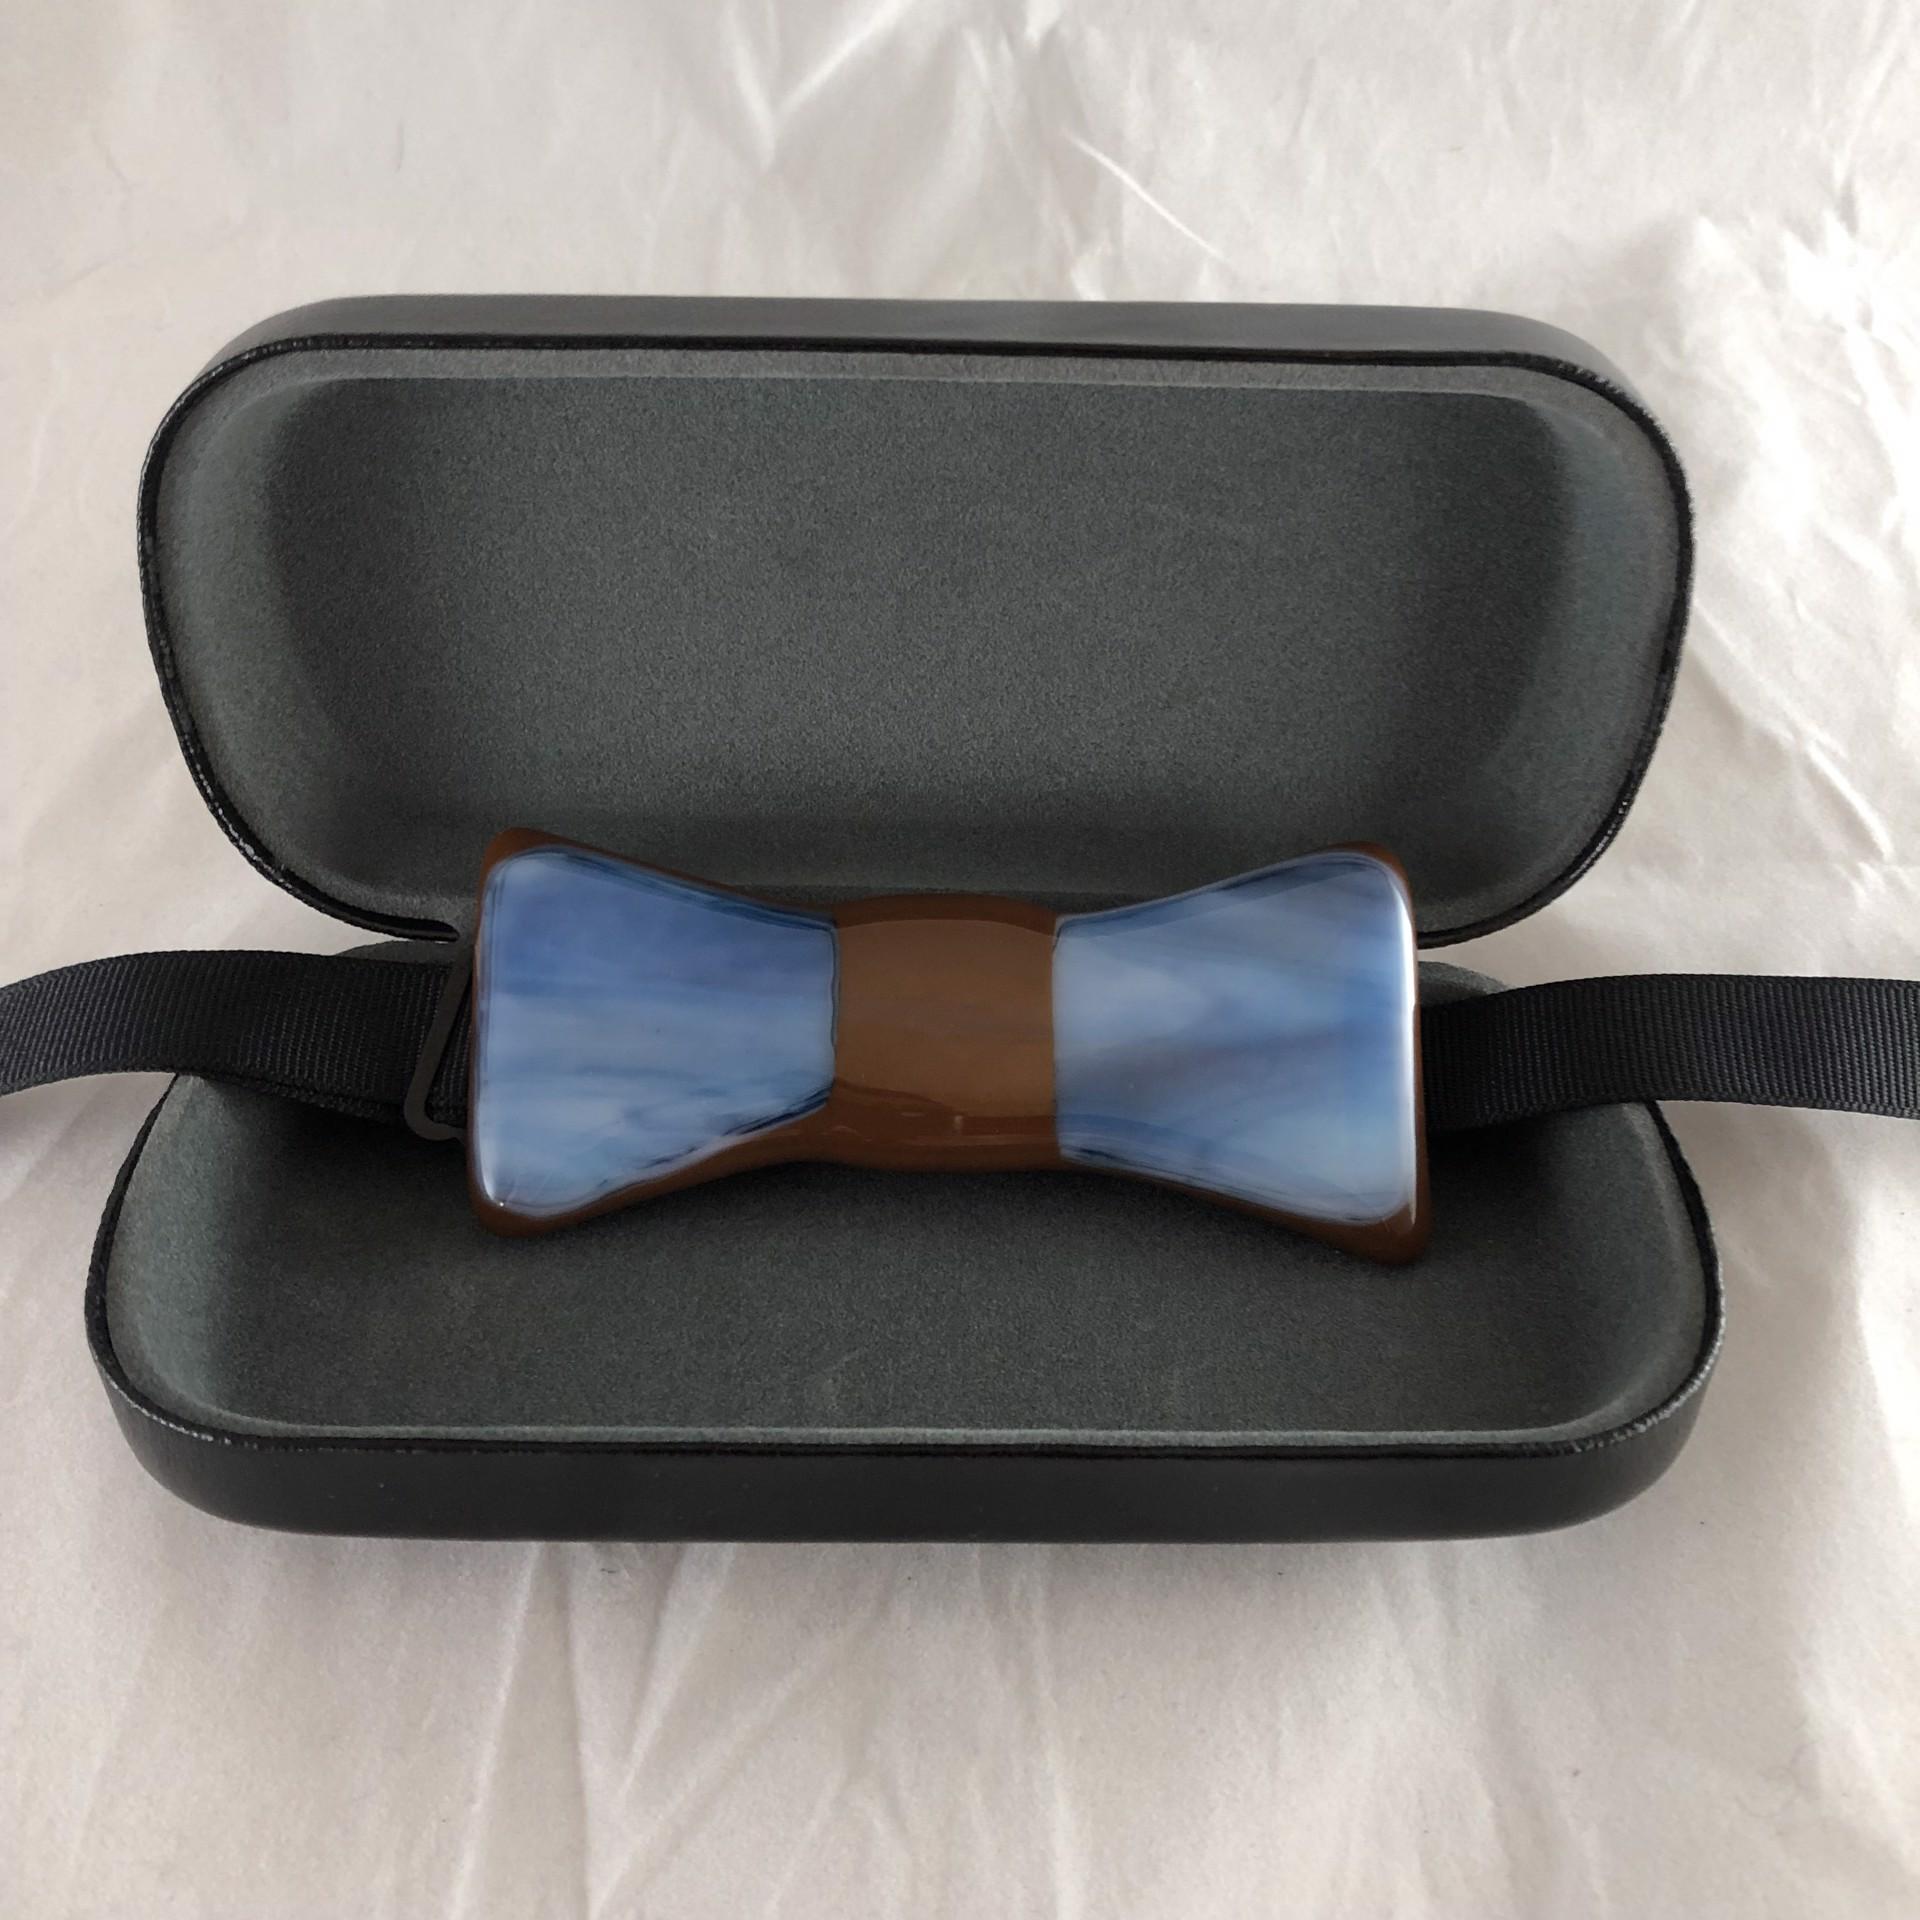 Bow tie 271 by Keller Lee